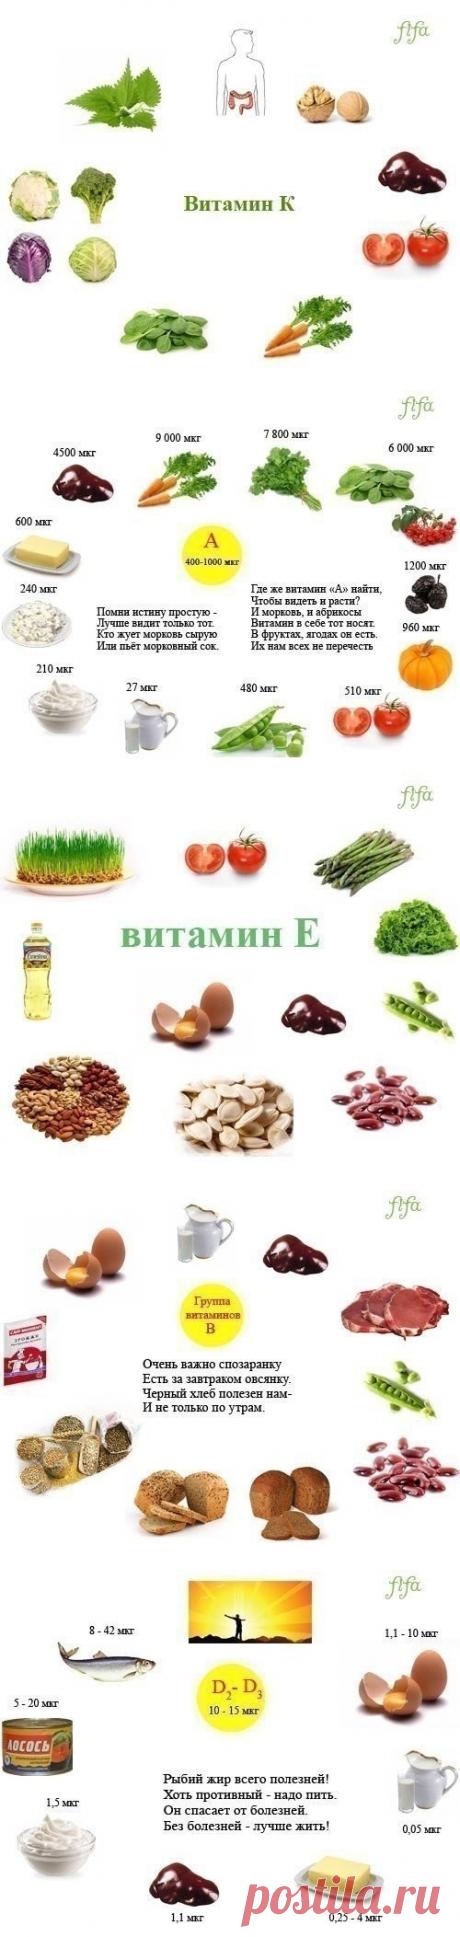 Где взять витамины